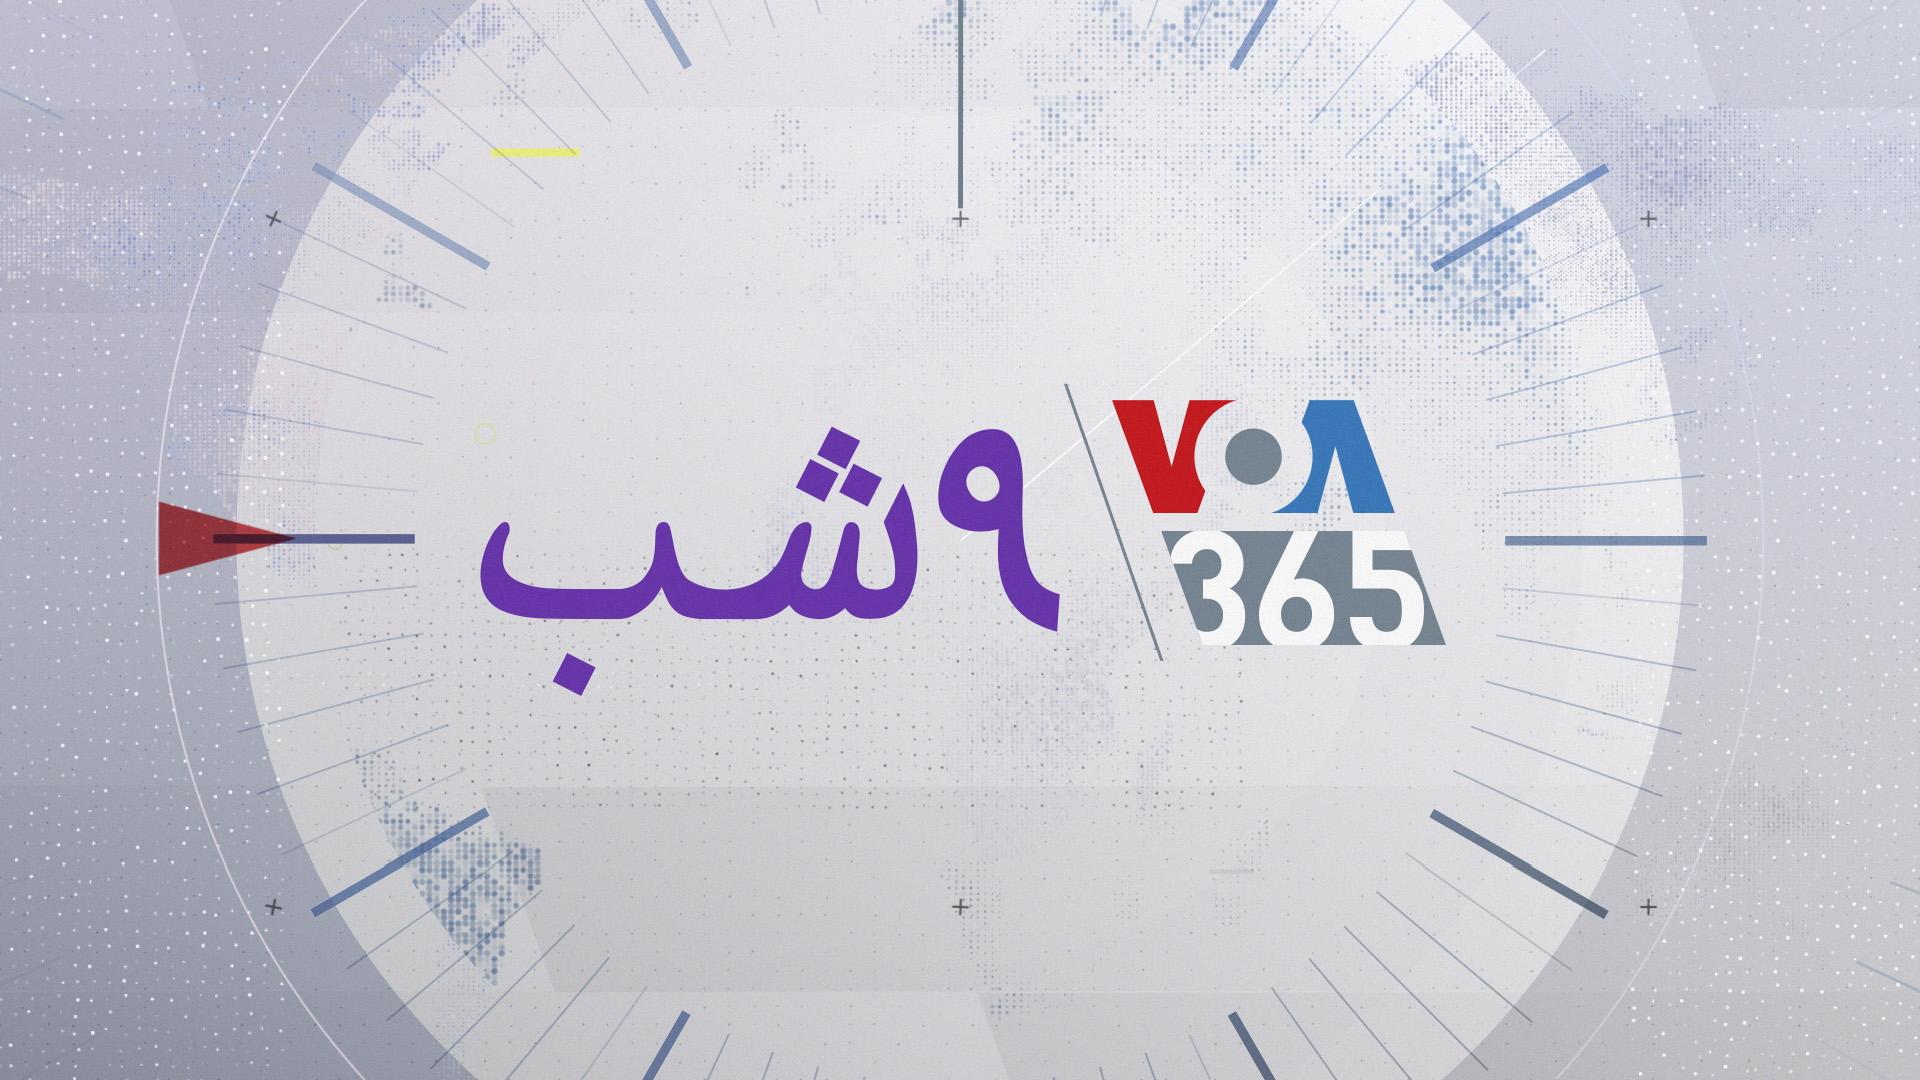 VOA_N9_03_OPEN_13S.jpg